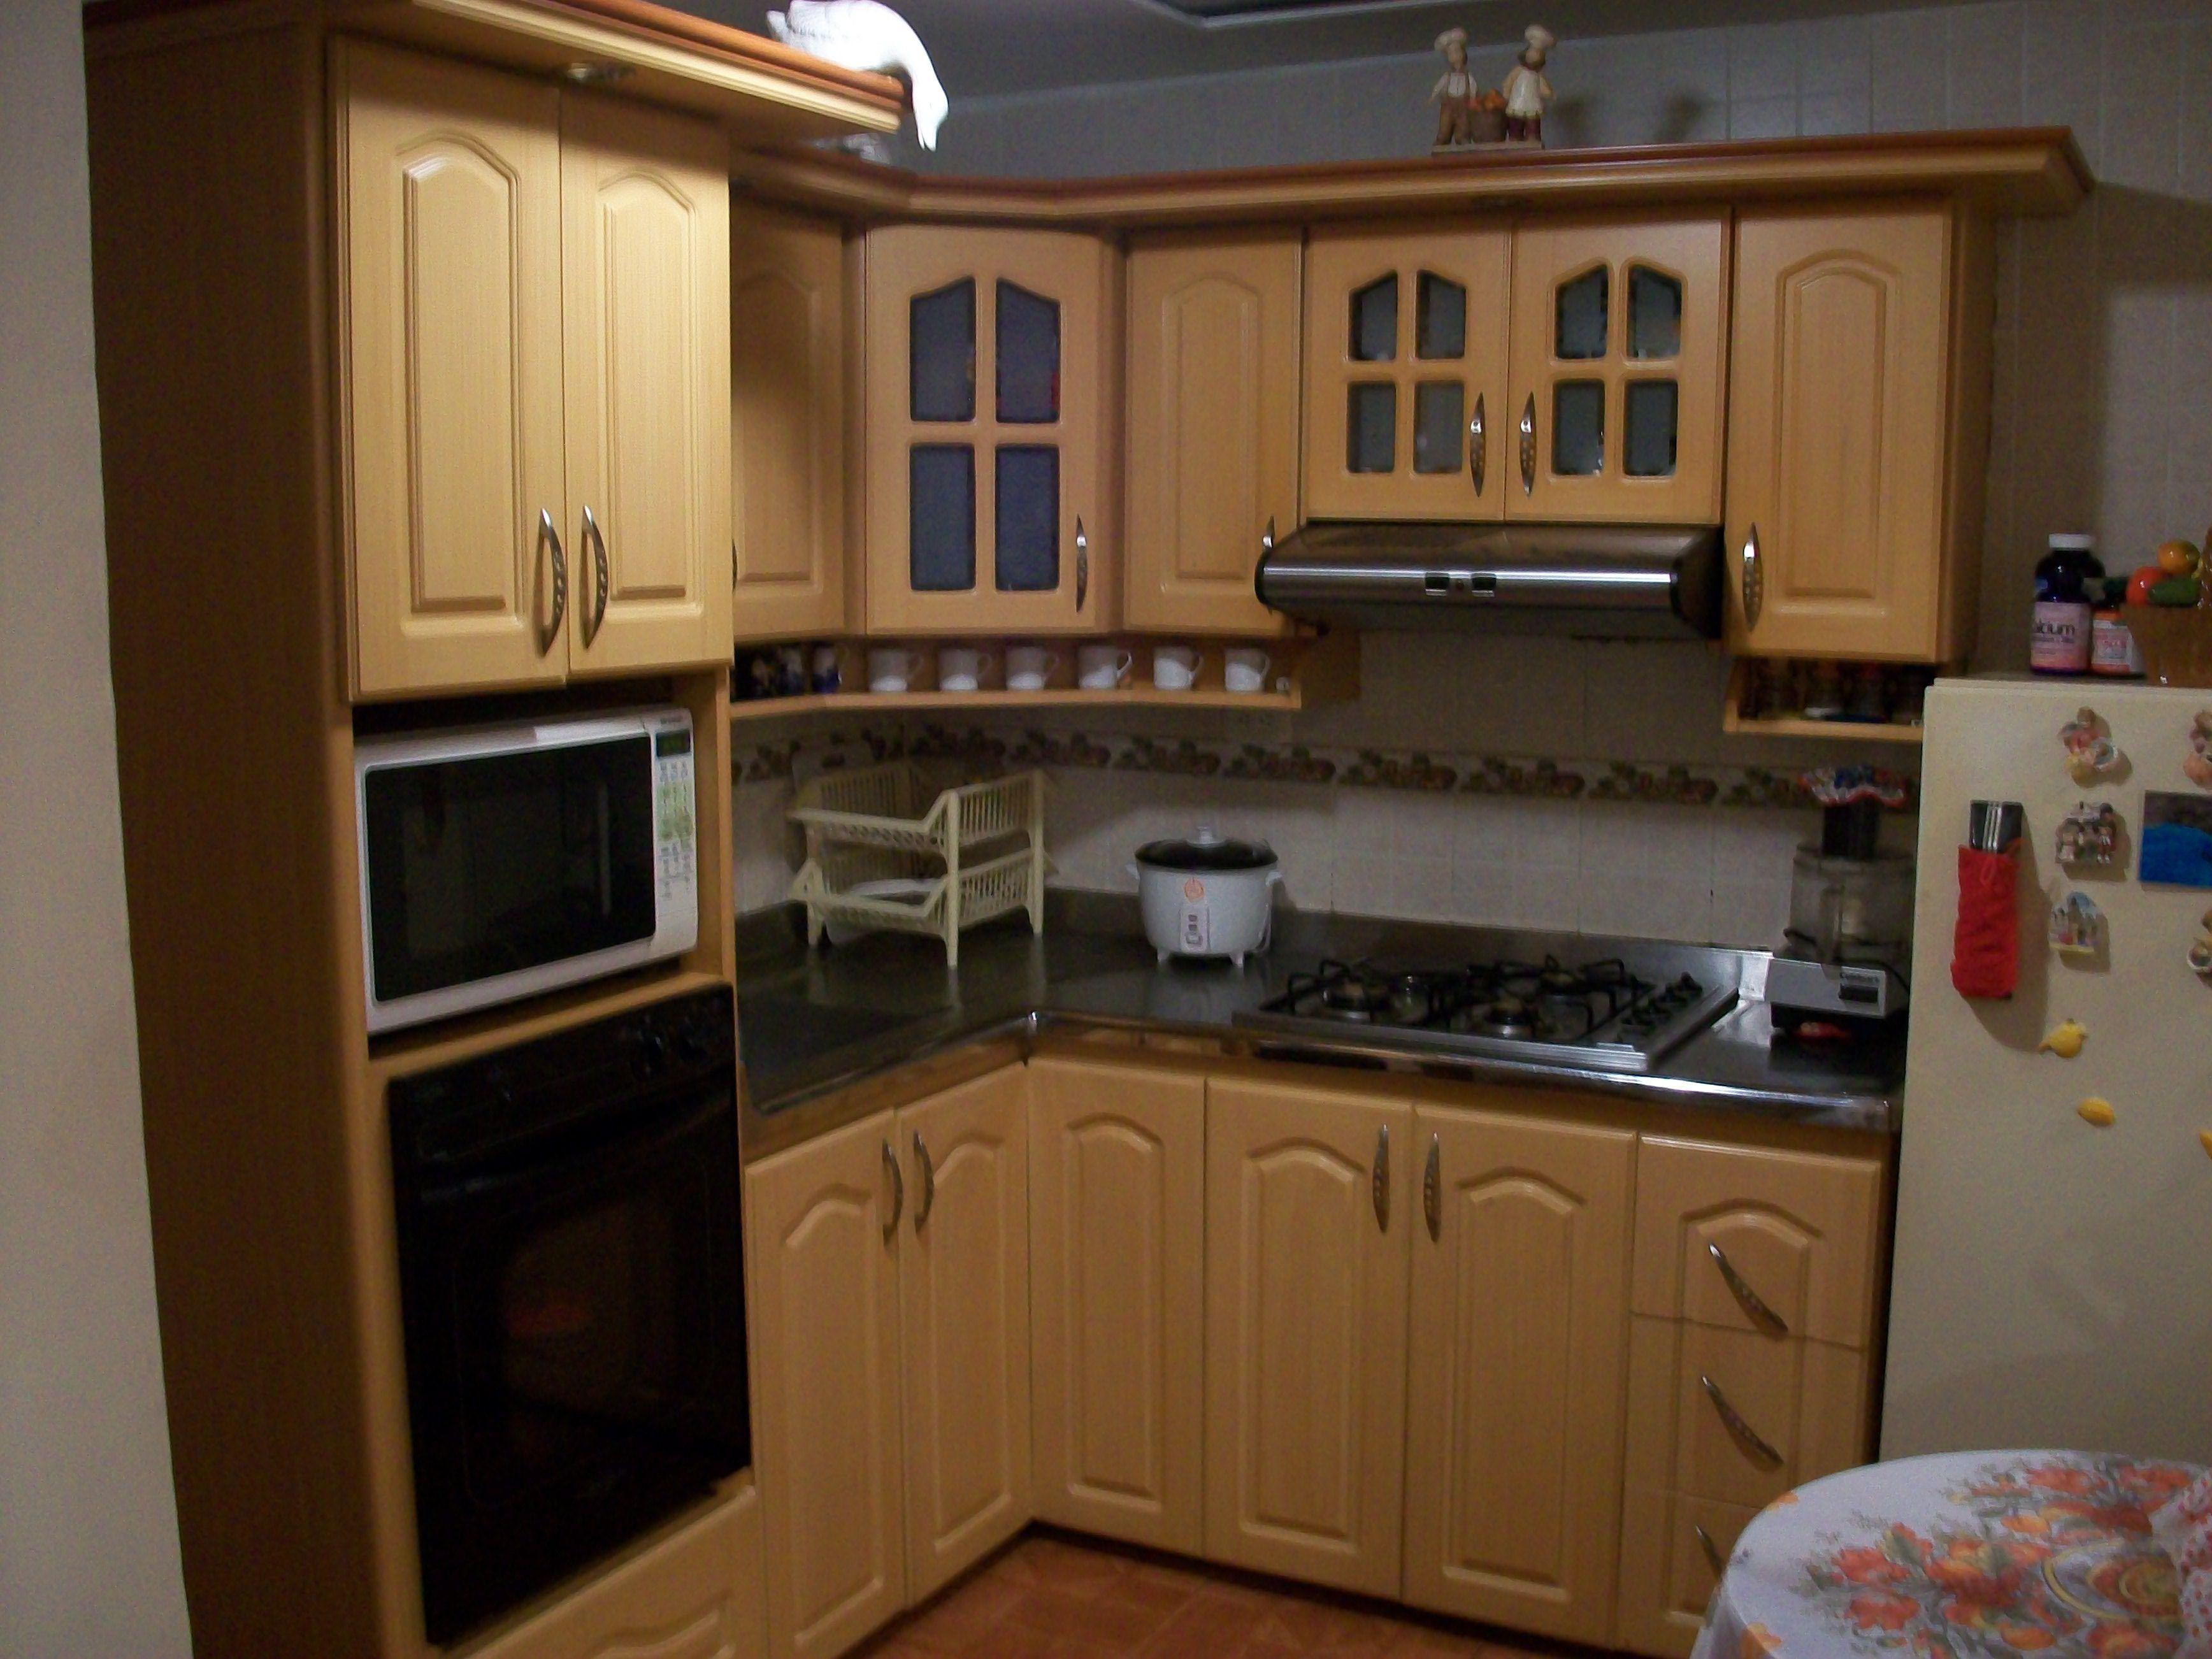 Cocina Integral: Ruteada, con torre de hornos, meson en acero ...